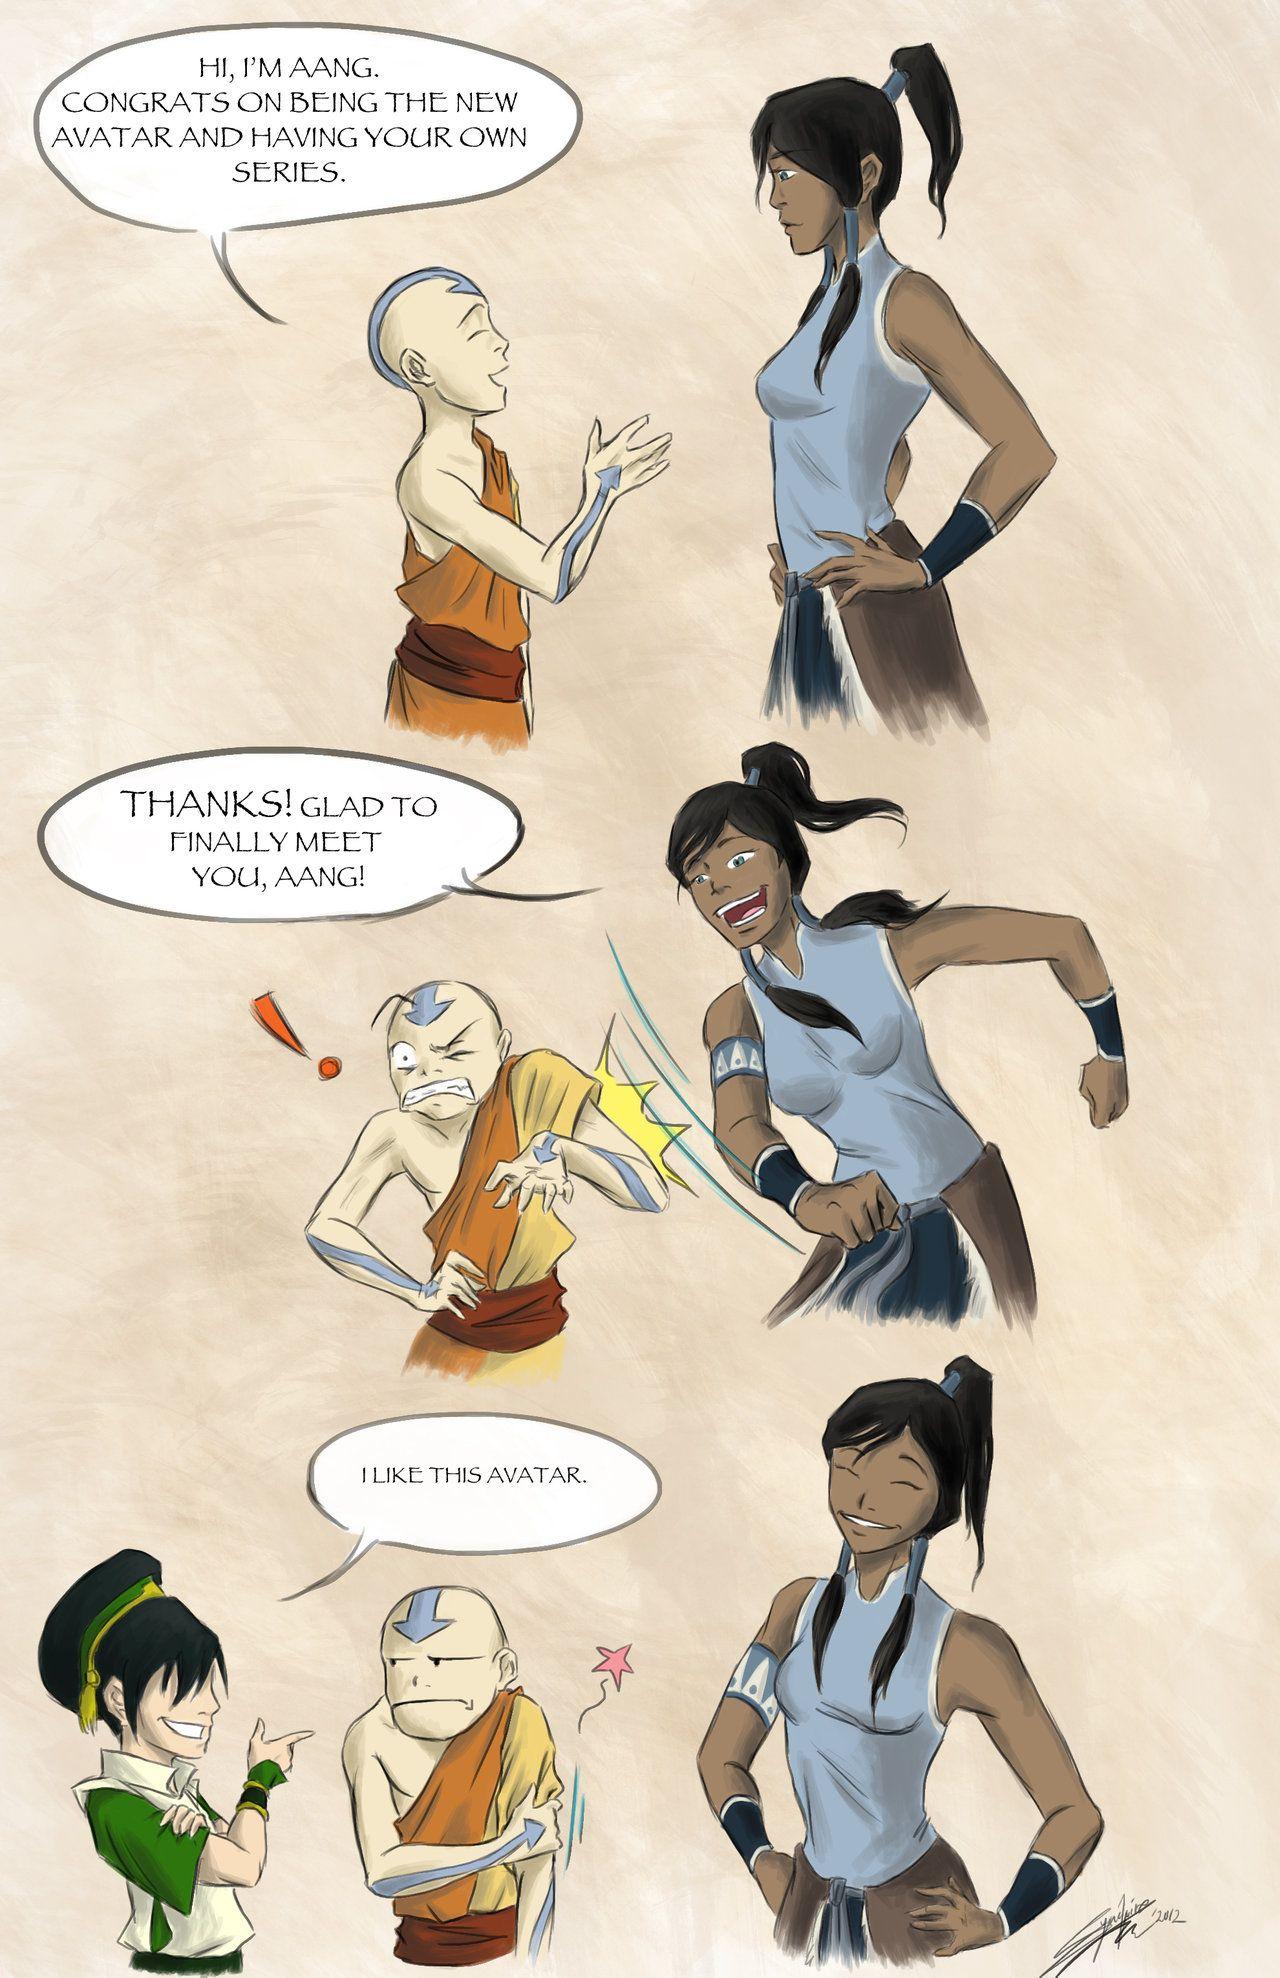 avatar legend of aang and korra meet